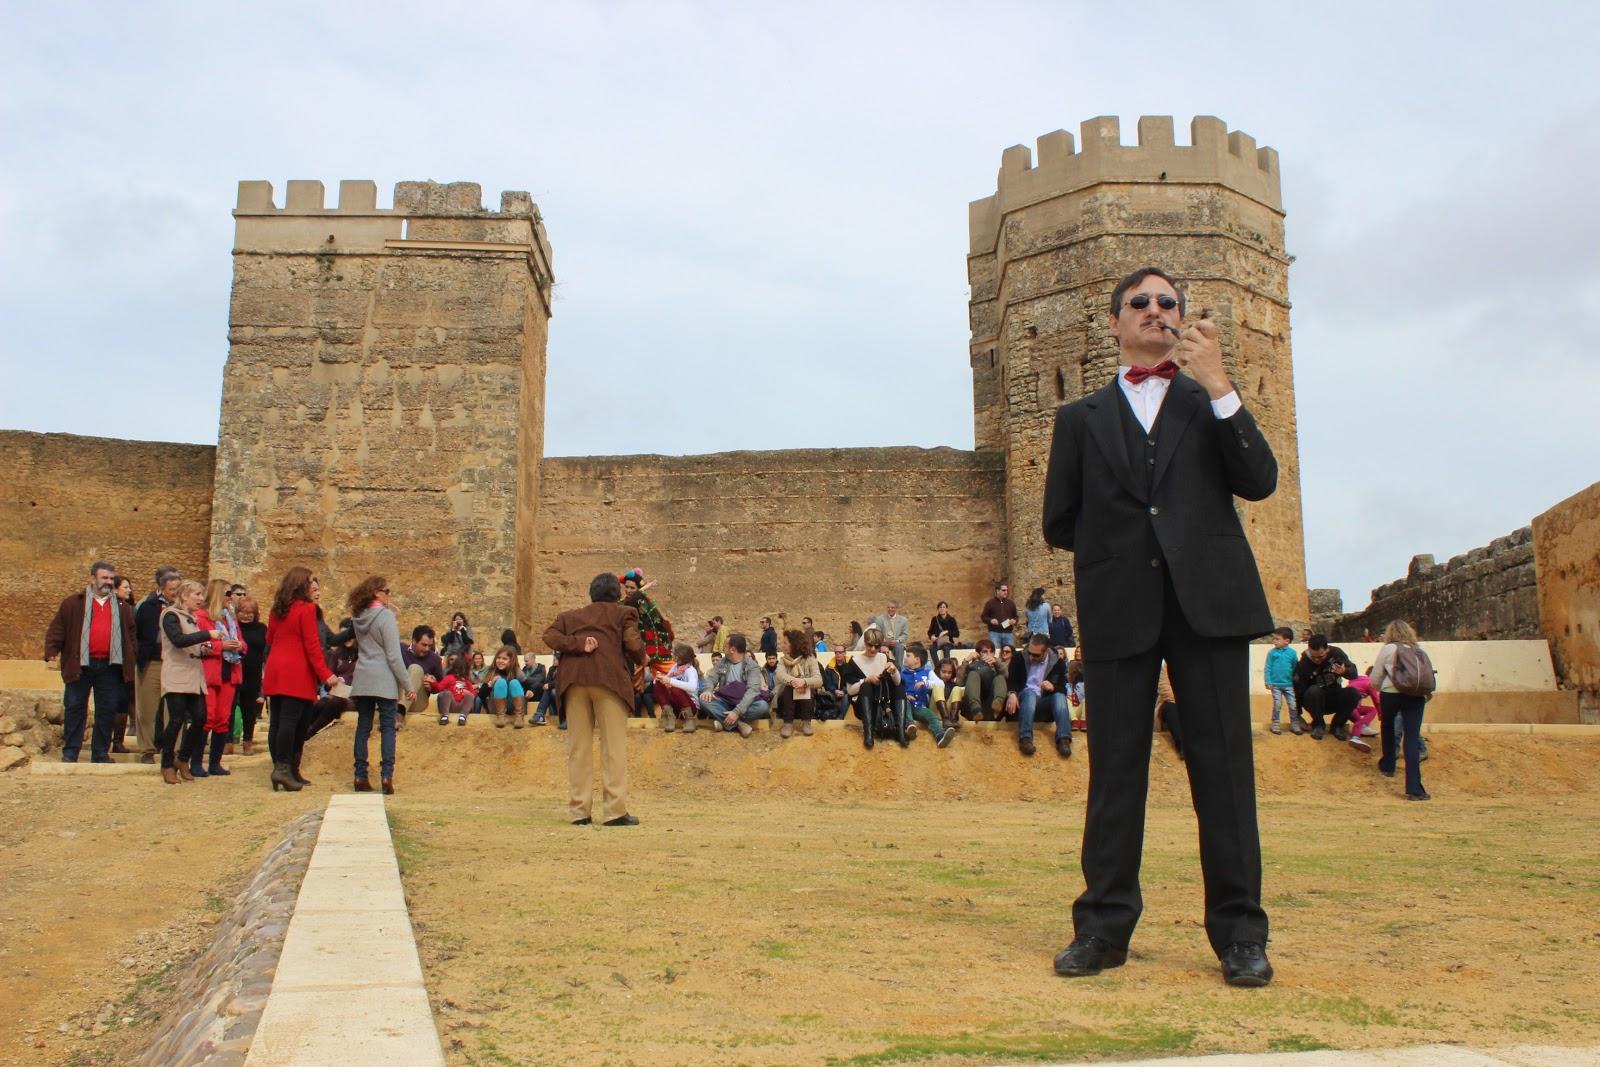 Nuevo espectáculo en el castillo de Alcalá de Guadaíra